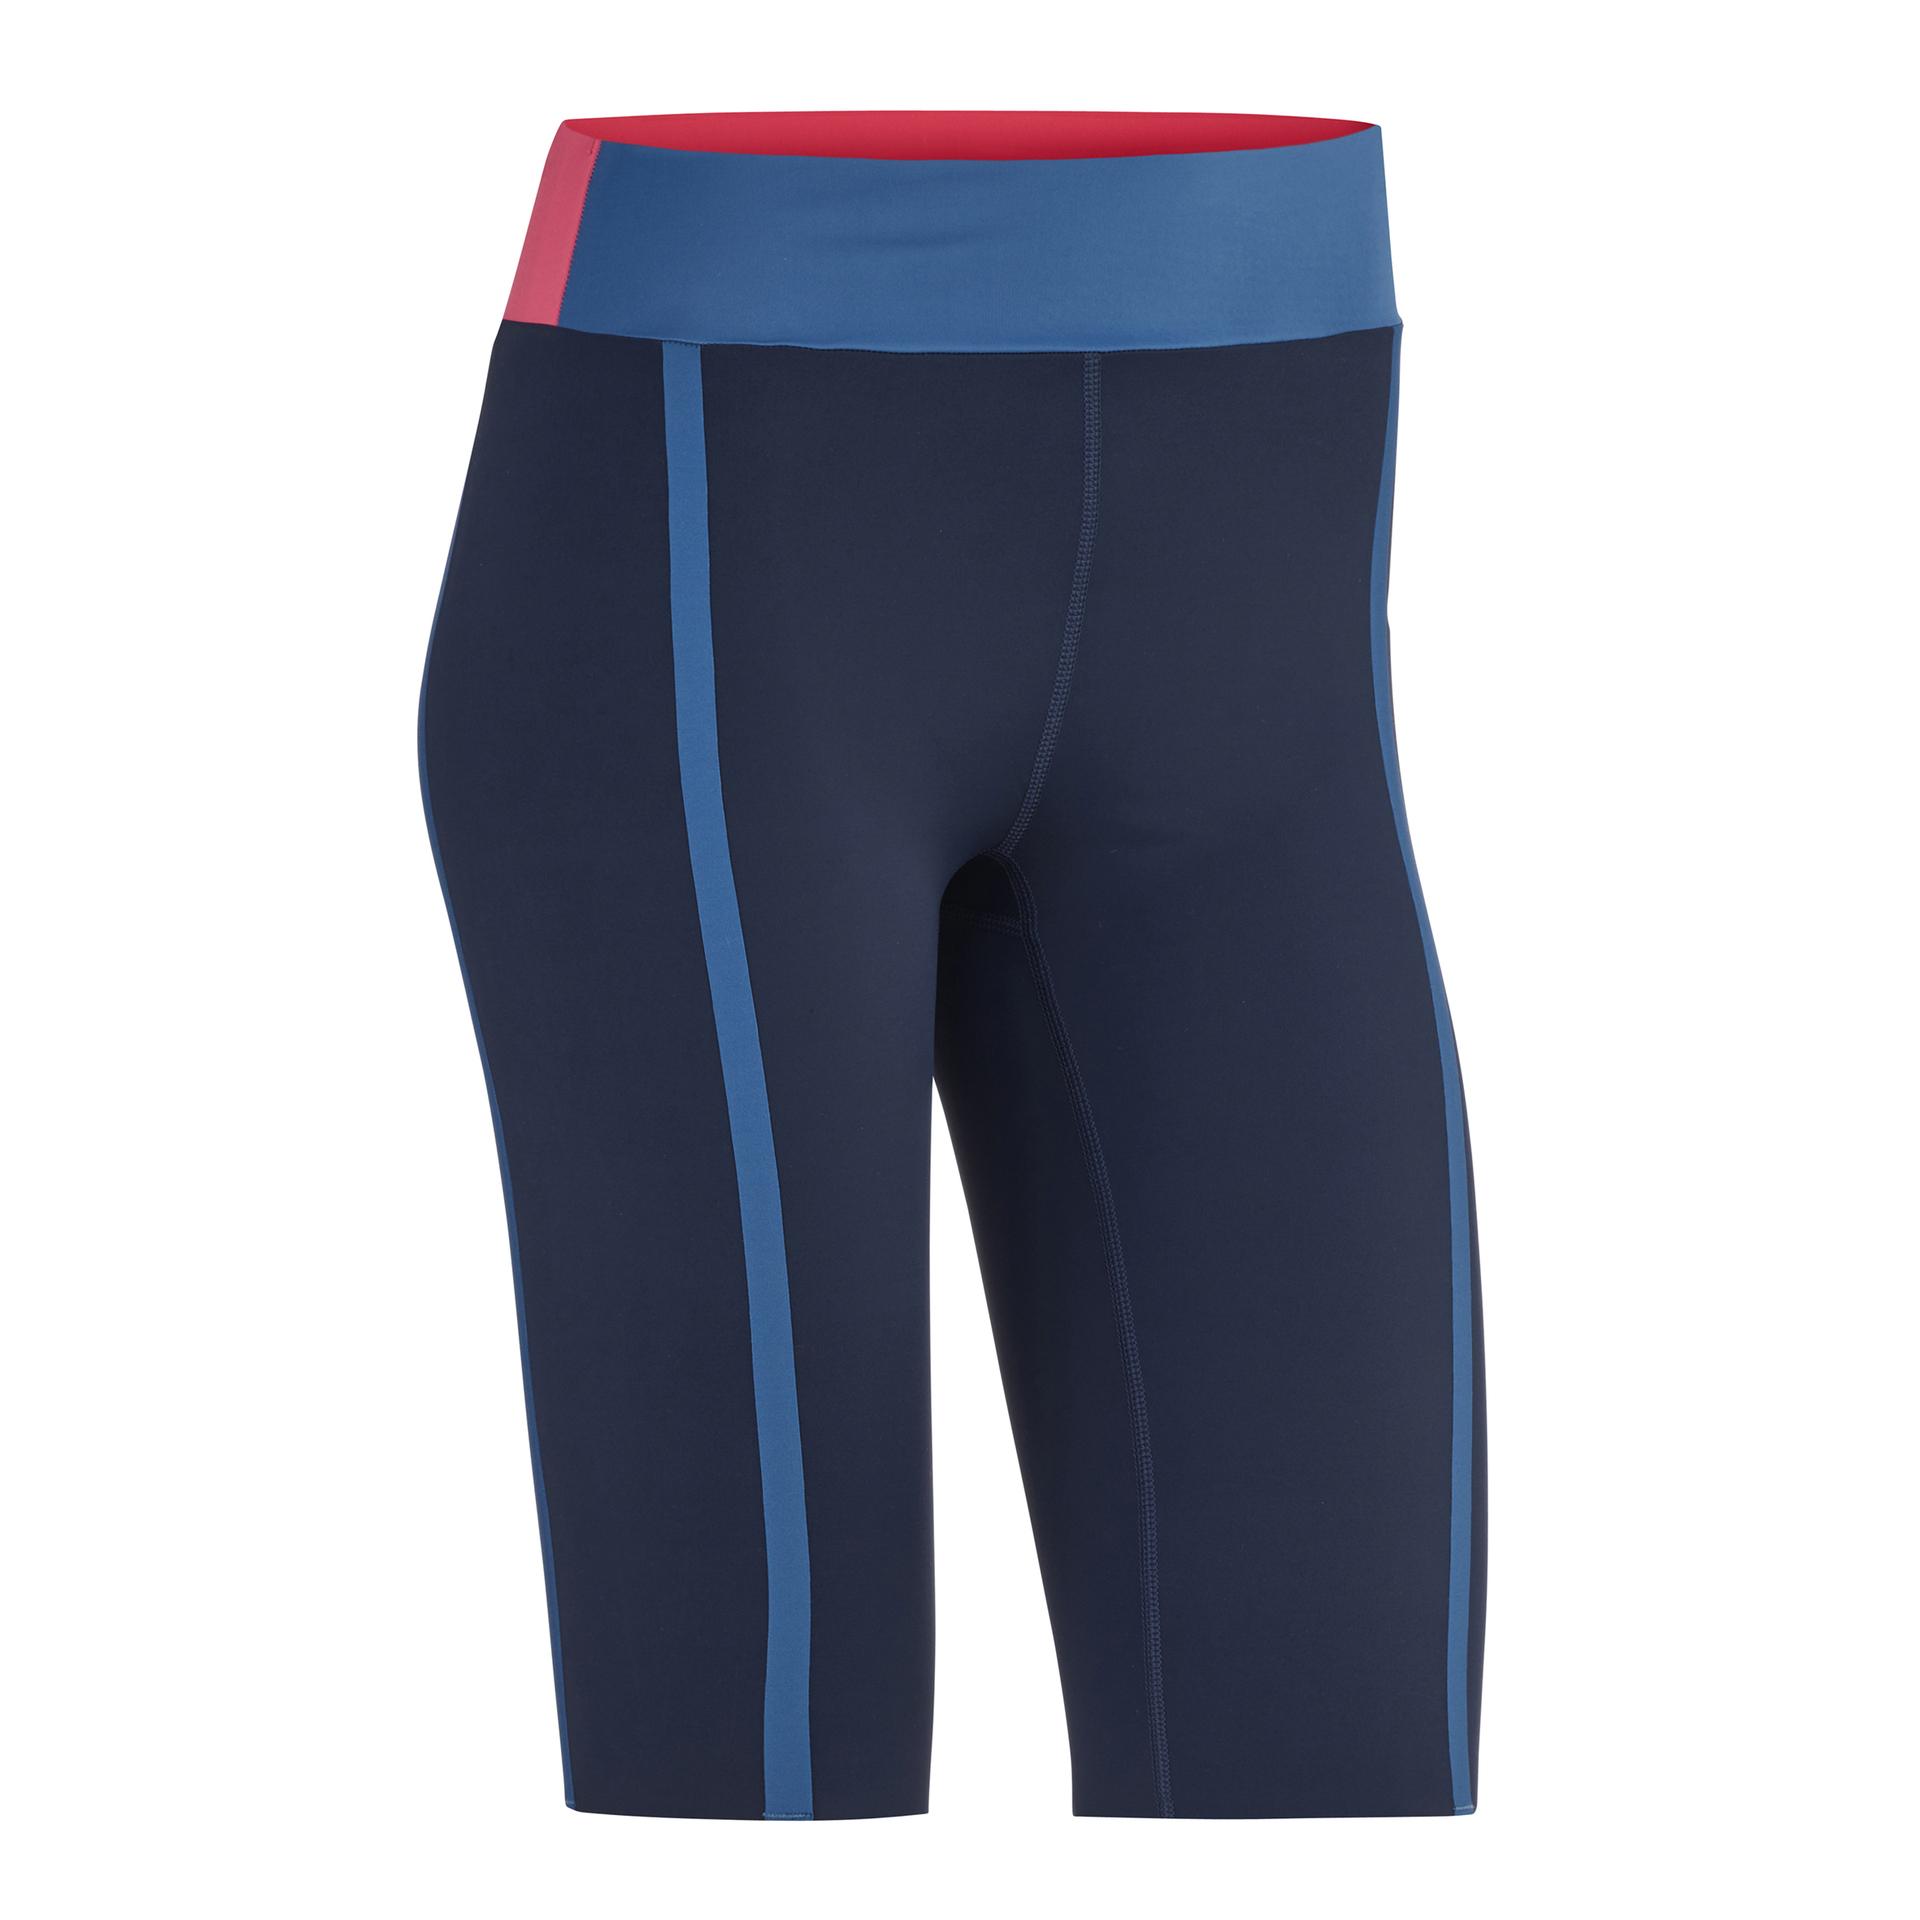 Kari Traa Sigrun shorts